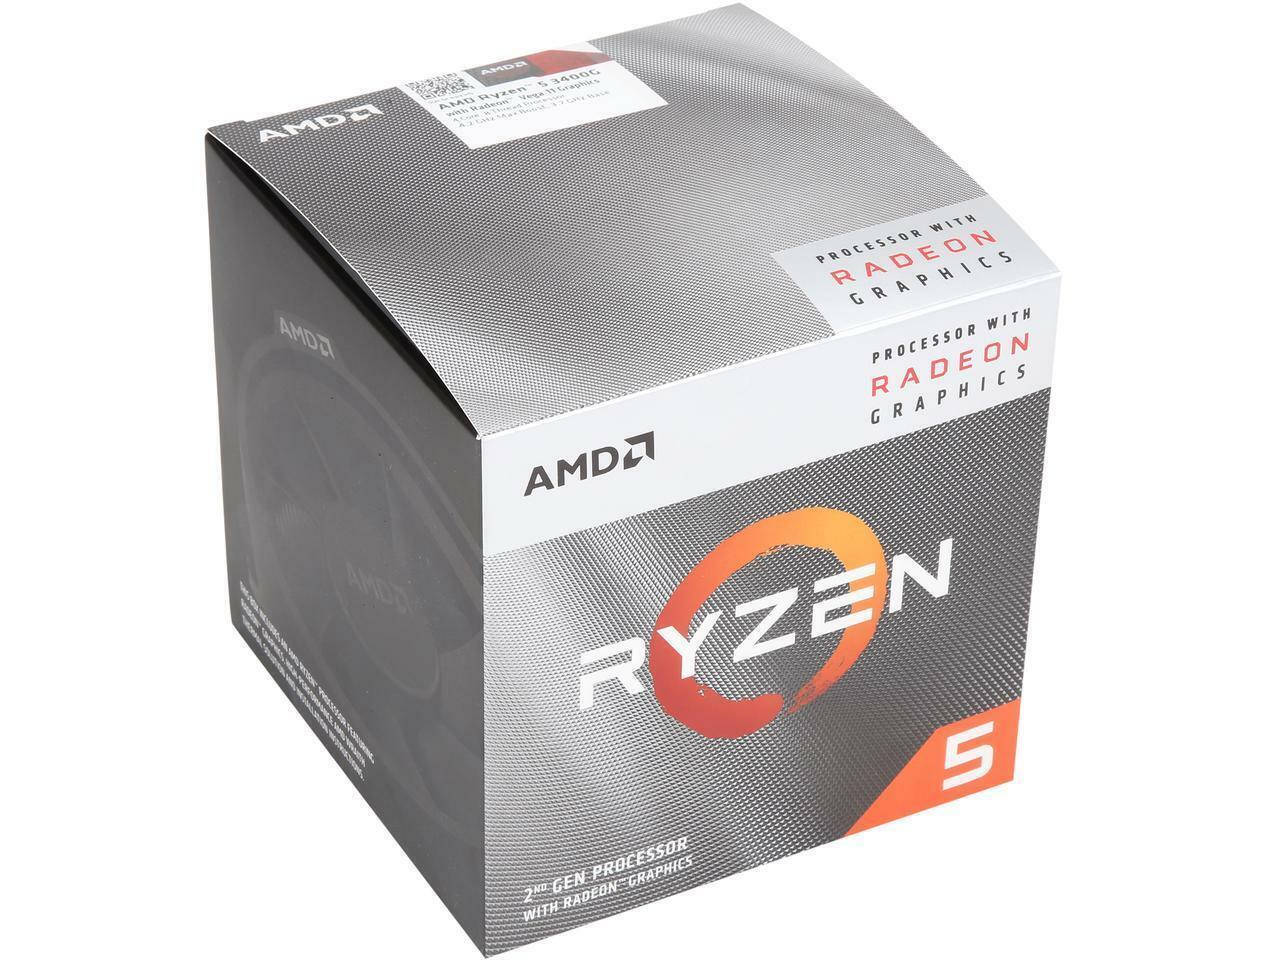 Custom Gaming Computer Ryzen 5 3400G 4.2 GHZ 16GB DDR4 Desktop PC 500GB HDD HDMI 1